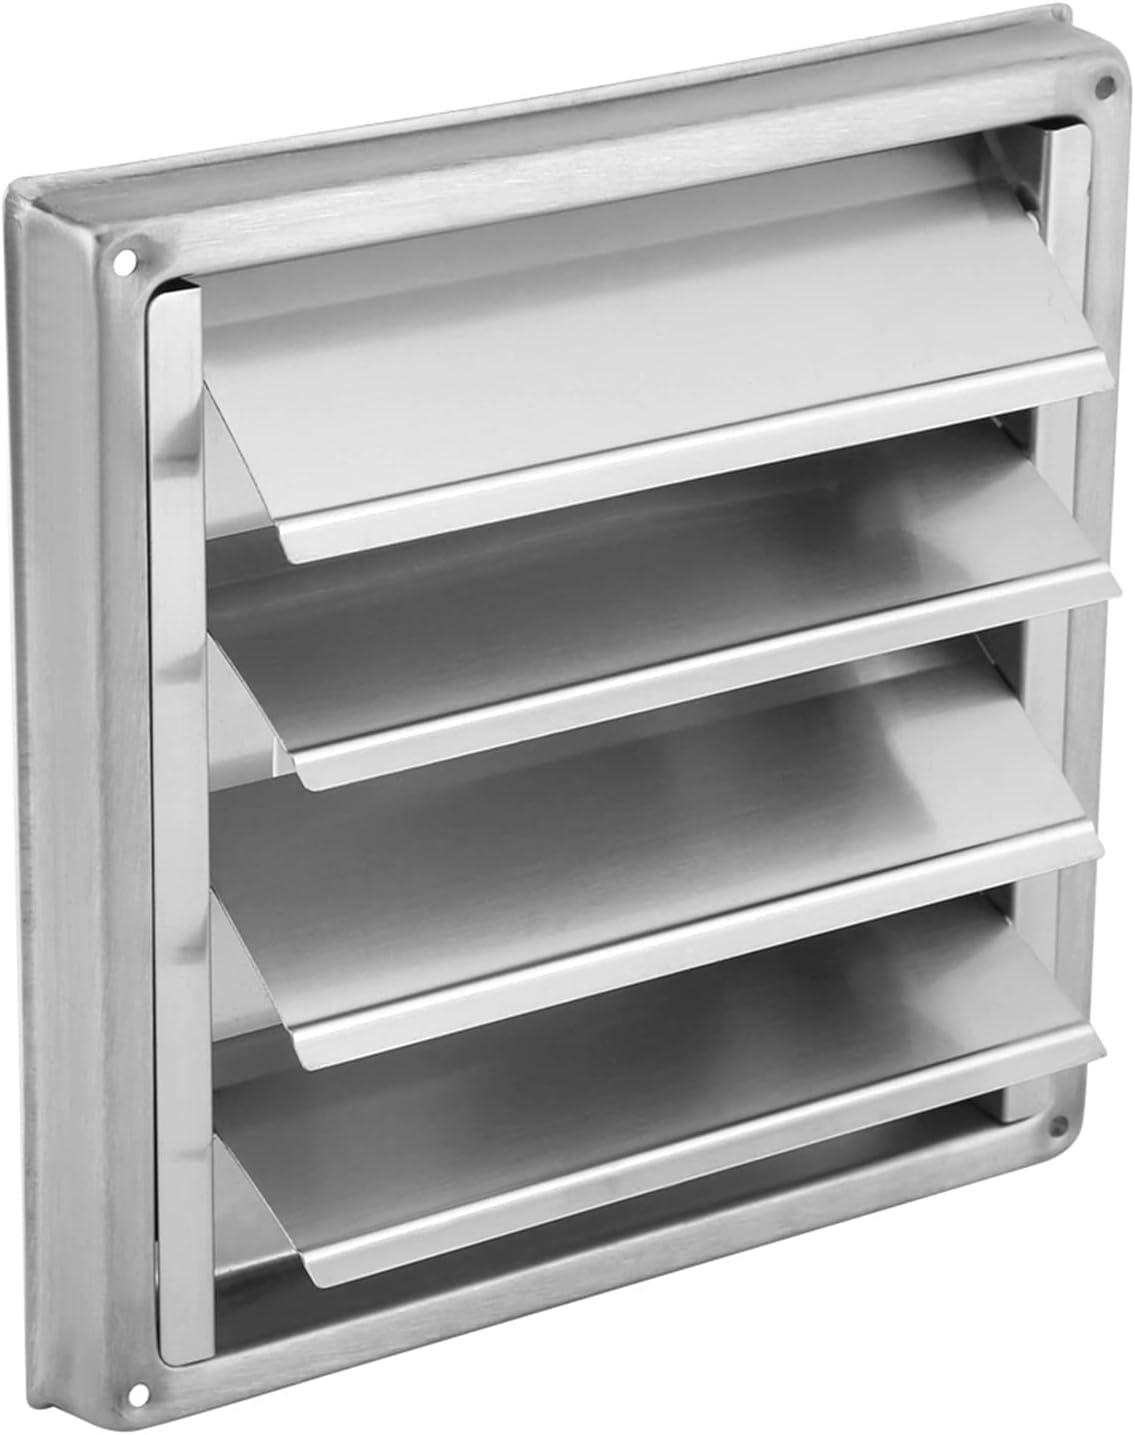 MIAOMIAO Plata 100 mm de ventilación de aire parrilla de acero inoxidable de acero inoxidable ventilación de ventilación cuadrada secadora secadora extractor ventilador salpicina salves de baño servic